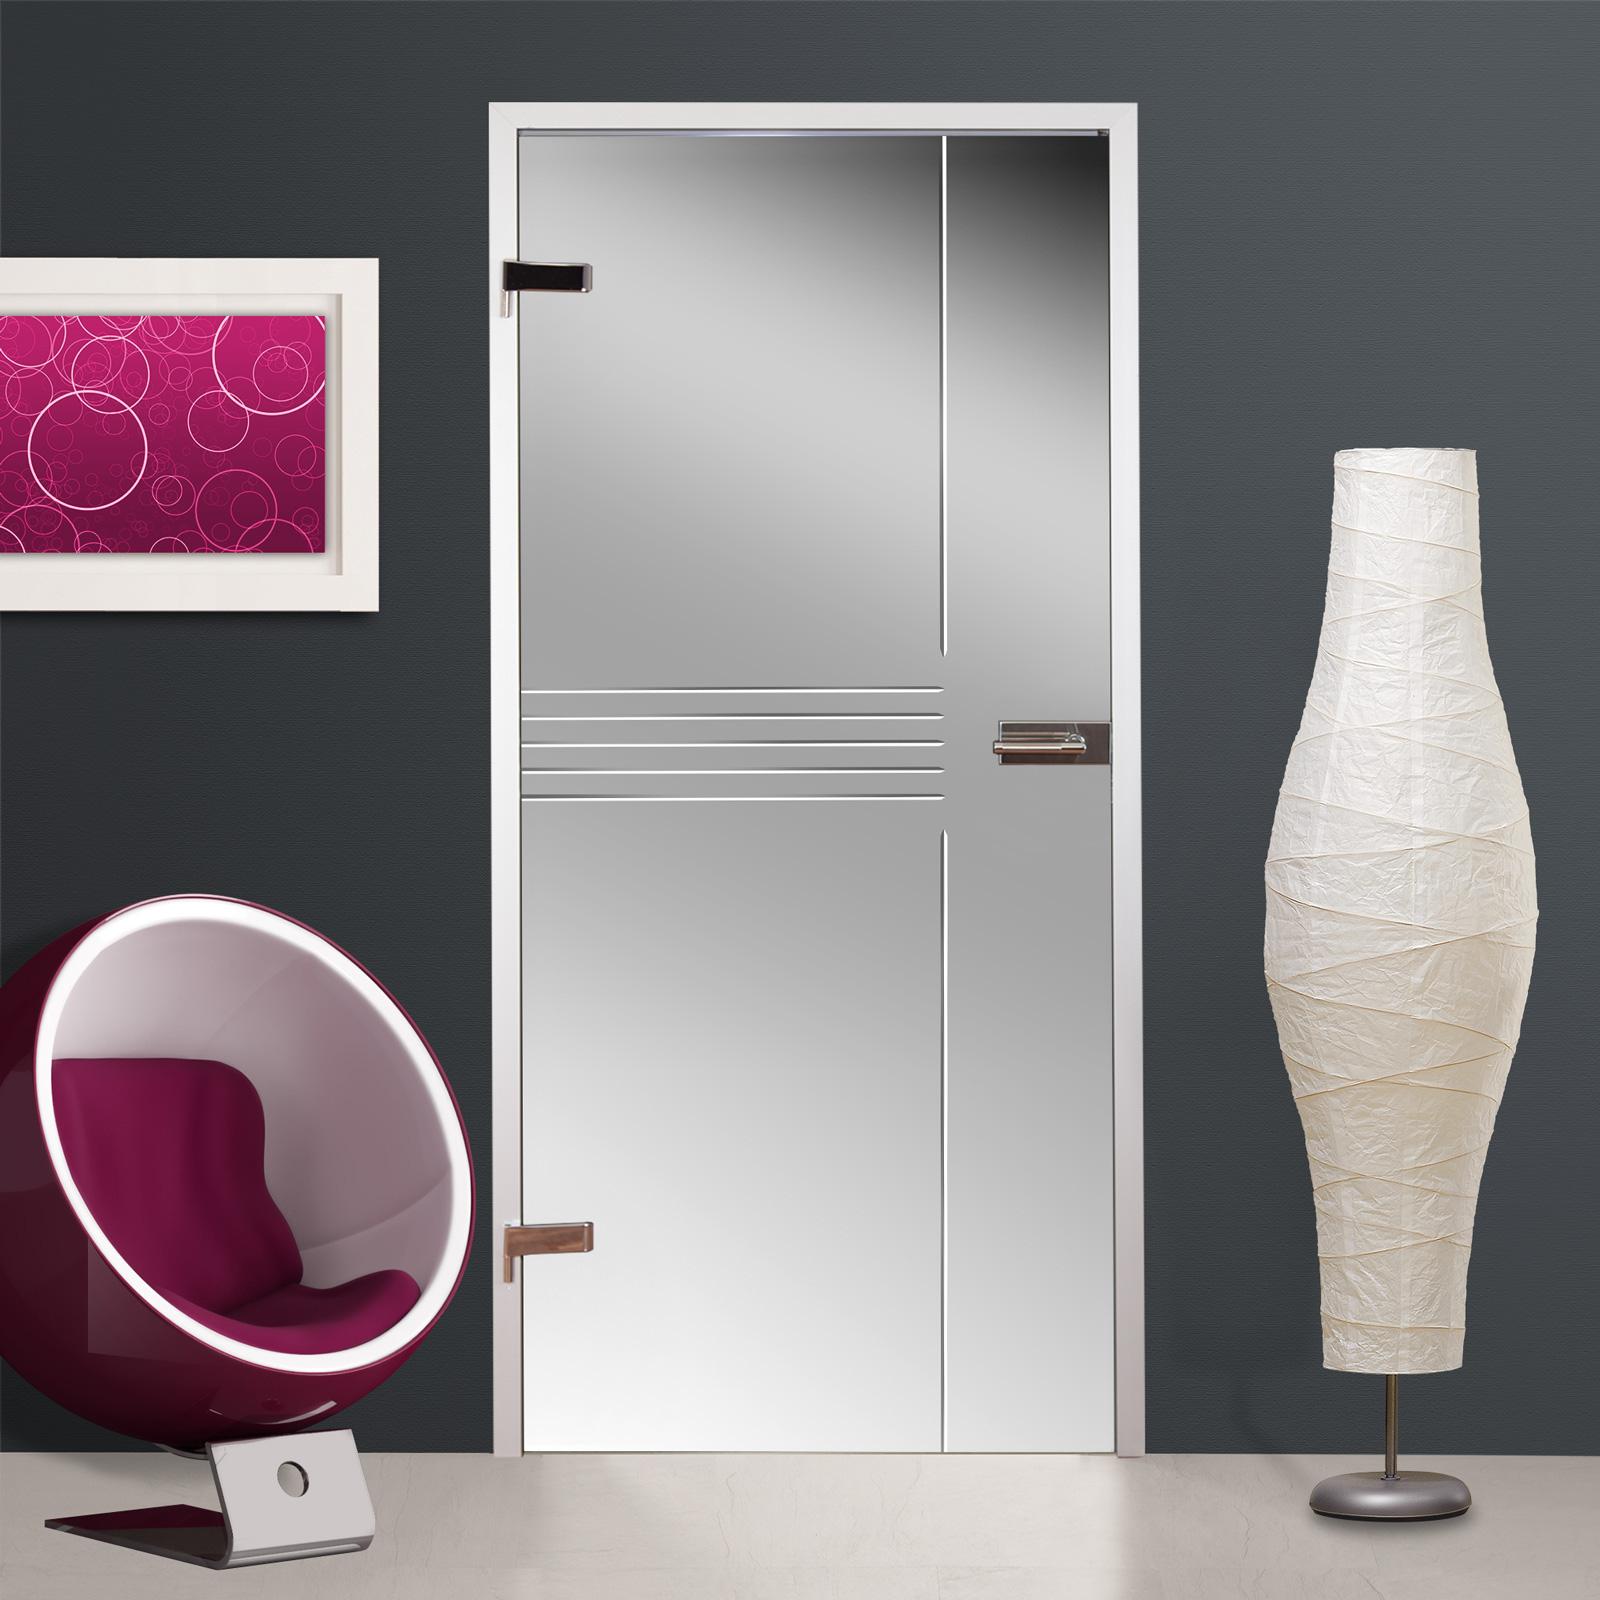 ganzglast r glast r t r innent r ganzglast ren t ren zimmert ren gr 888 sp ebay. Black Bedroom Furniture Sets. Home Design Ideas